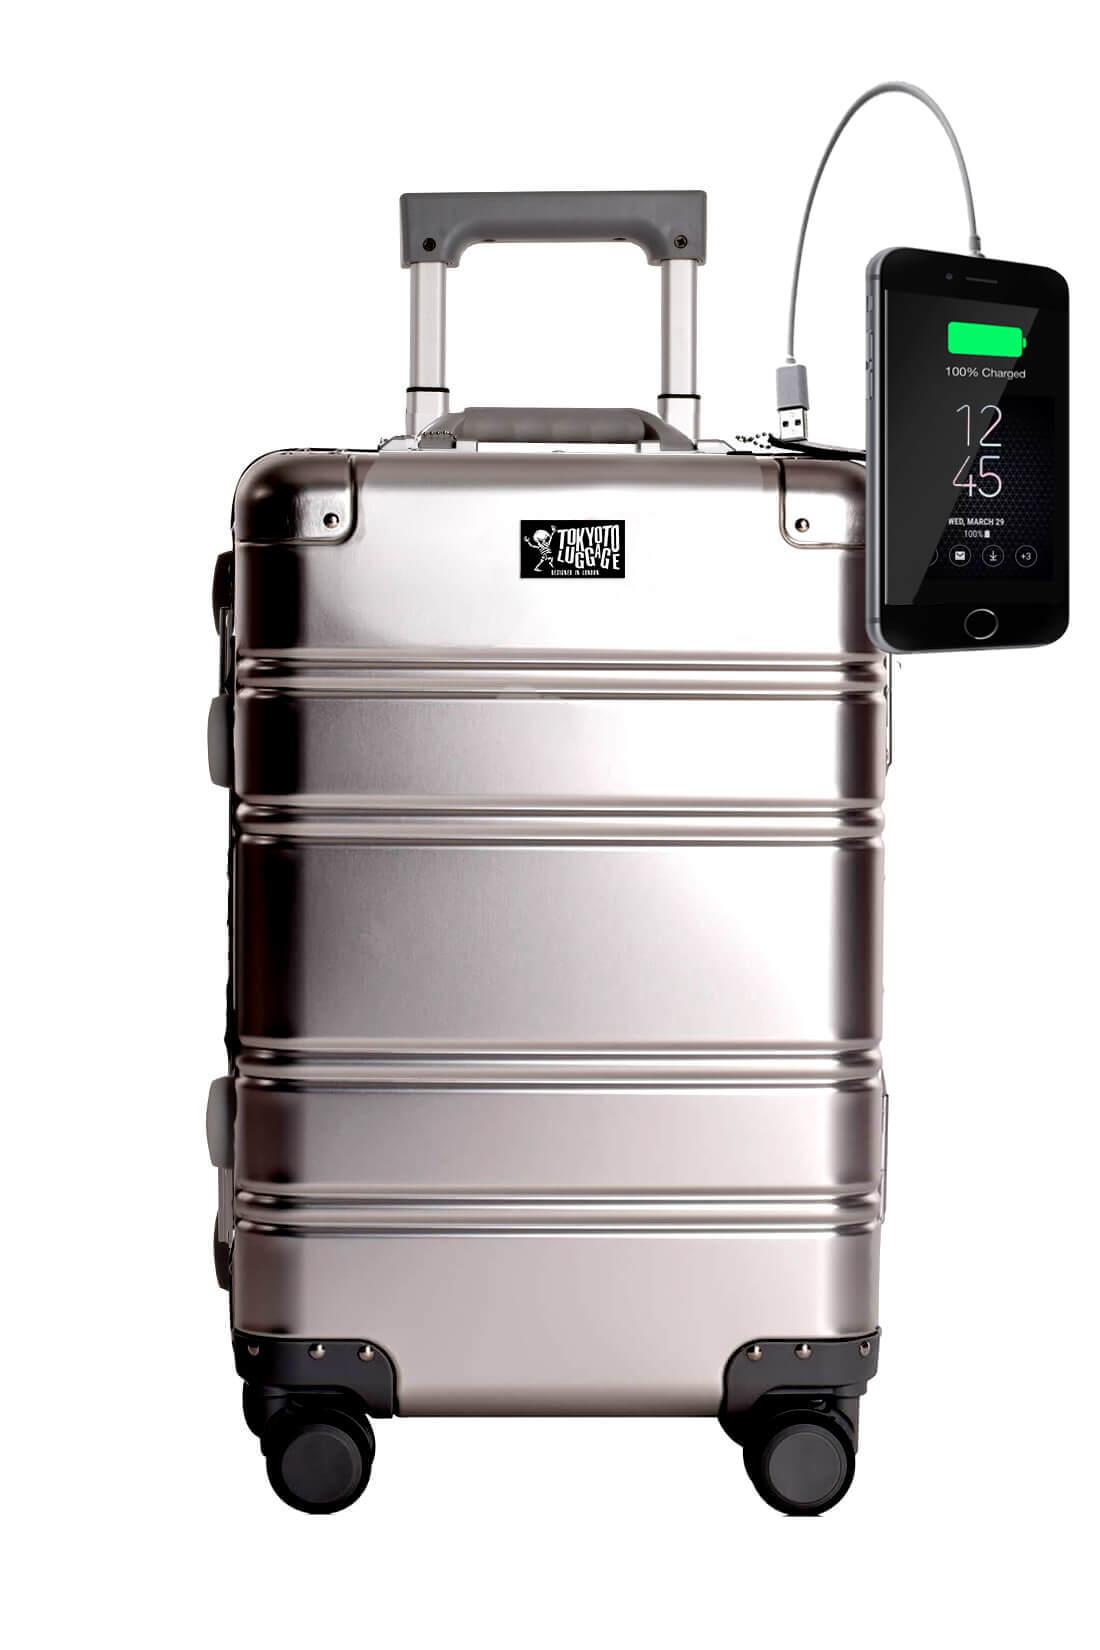 Valigia da cabina in alluminio divertimento online per giovani urbani con caricatore usb TOKYOTO LUGGAGE Silver Logo 1